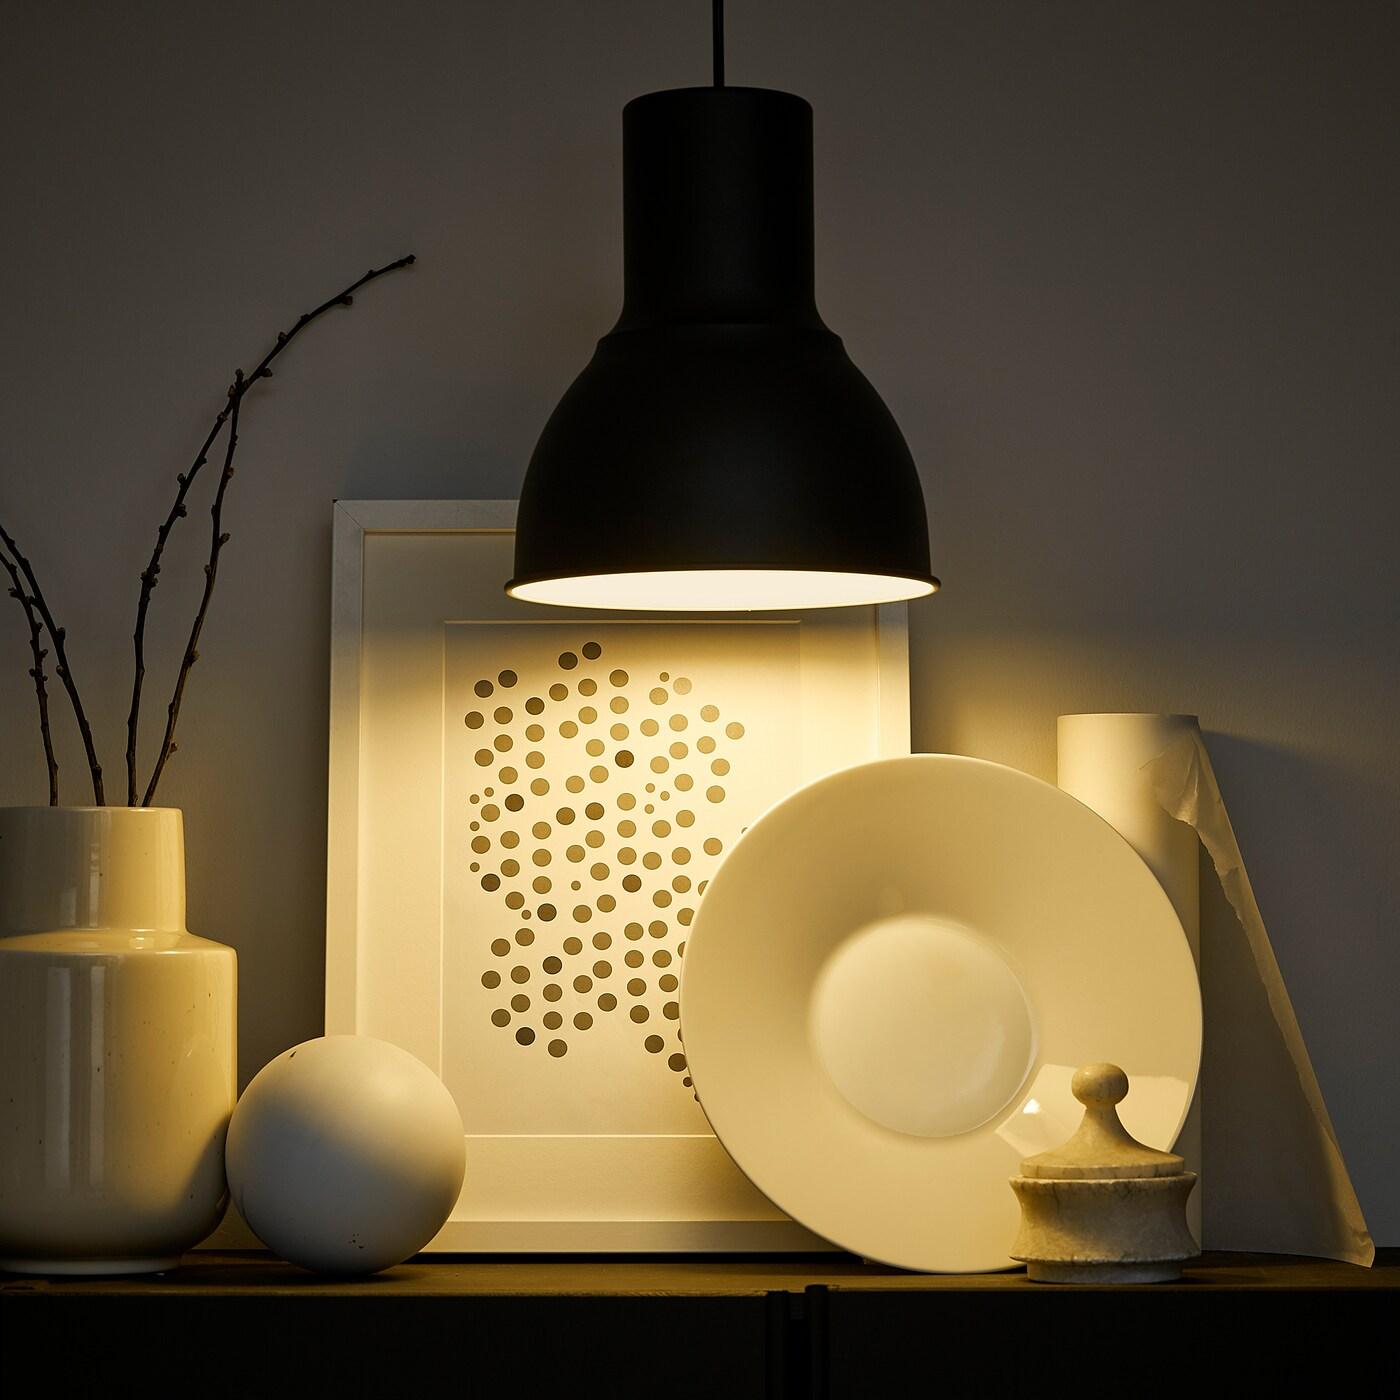 Tradfri Led Lamp E27 600 Lumen Draadloos Dimbaar Kleur En Wit Spectrum Opaalwit Ikea